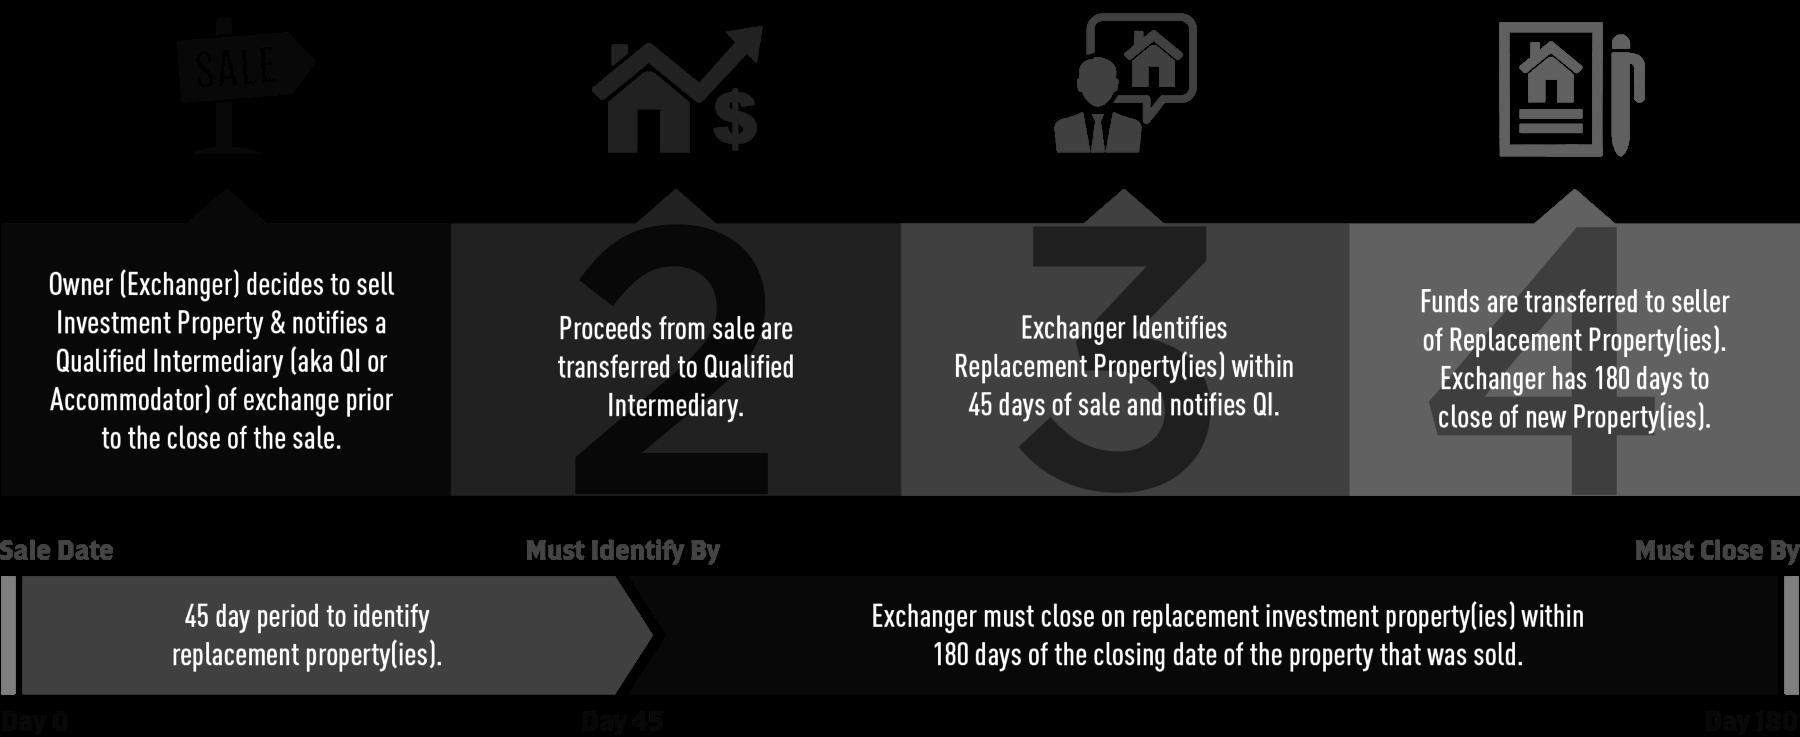 1031 Exchange Rules - 繰延税金為替